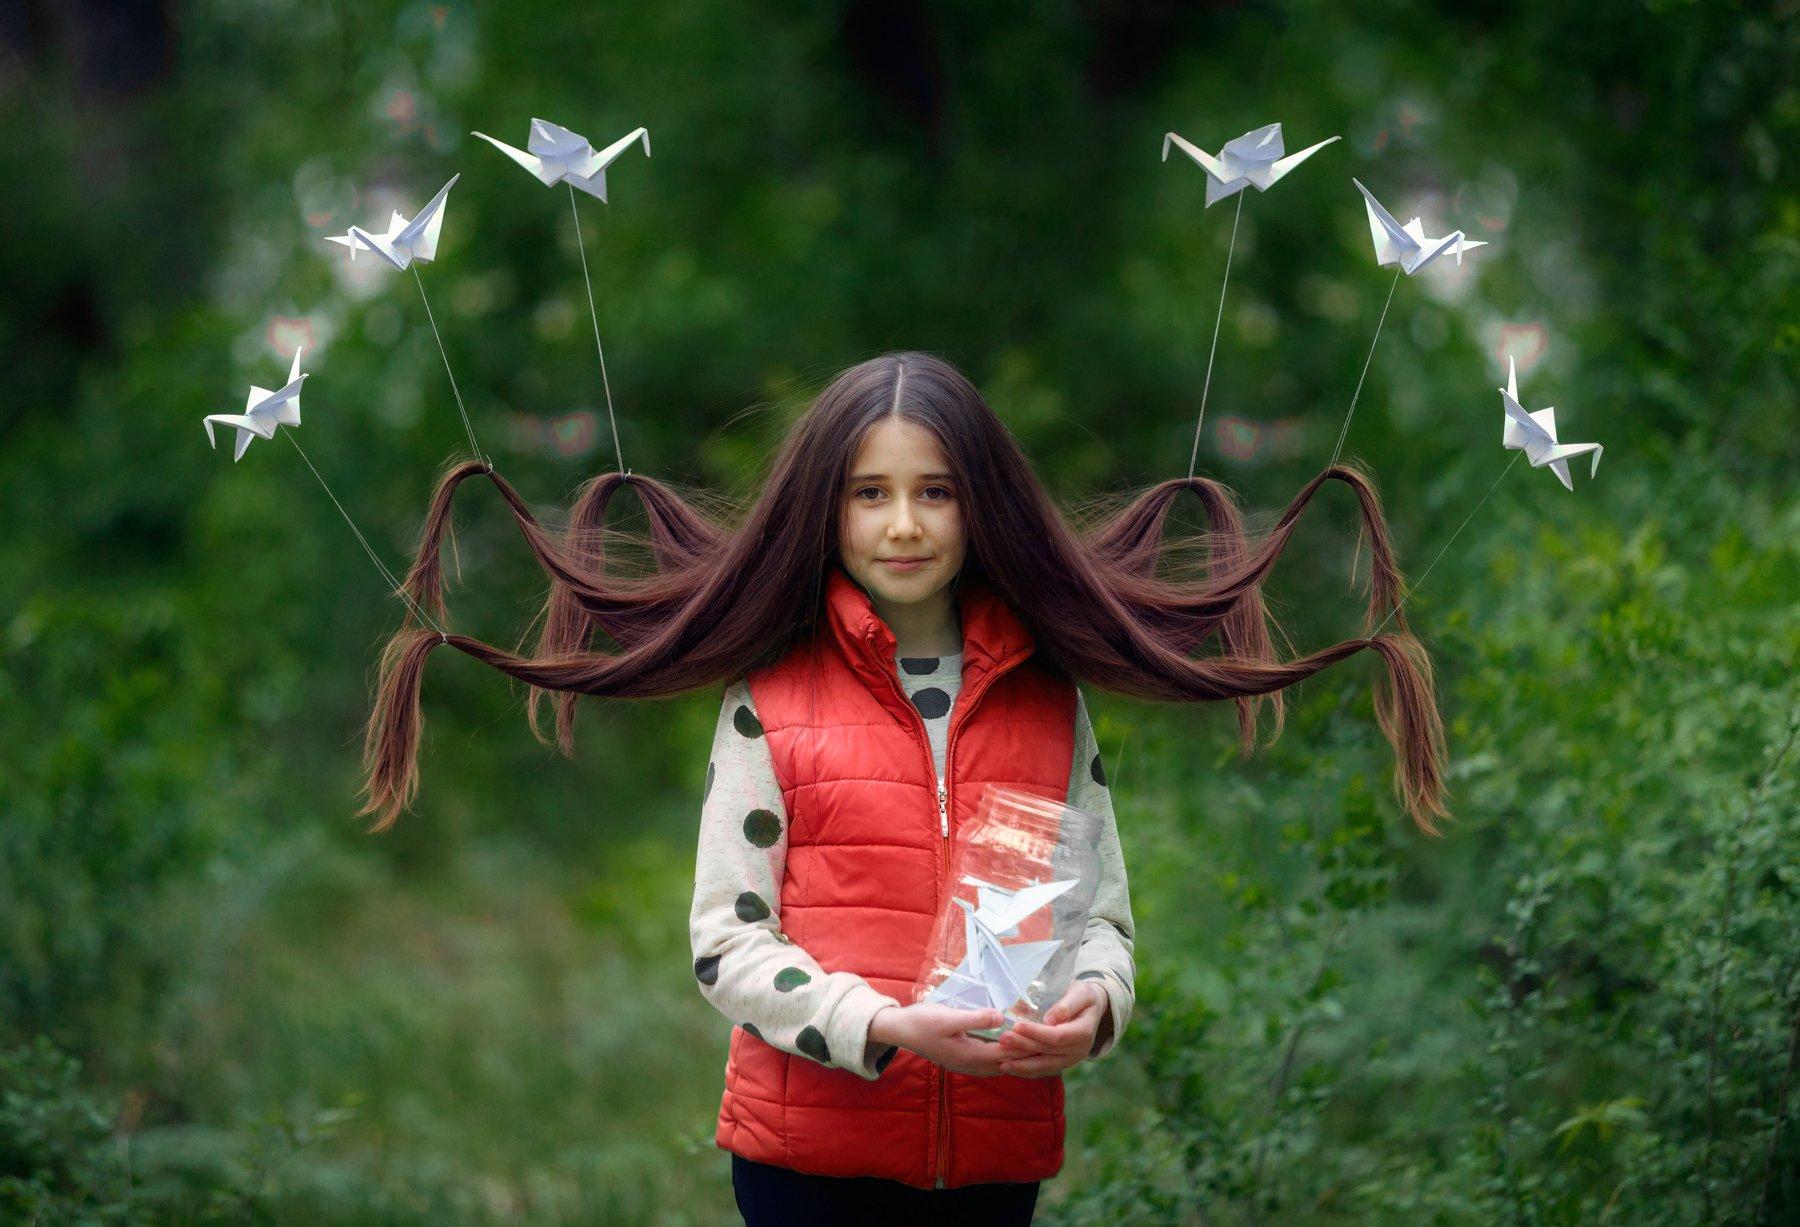 дети,портрет,девочка,весна,птицы,зелень,волосы, семья,детский портрет, Оксана